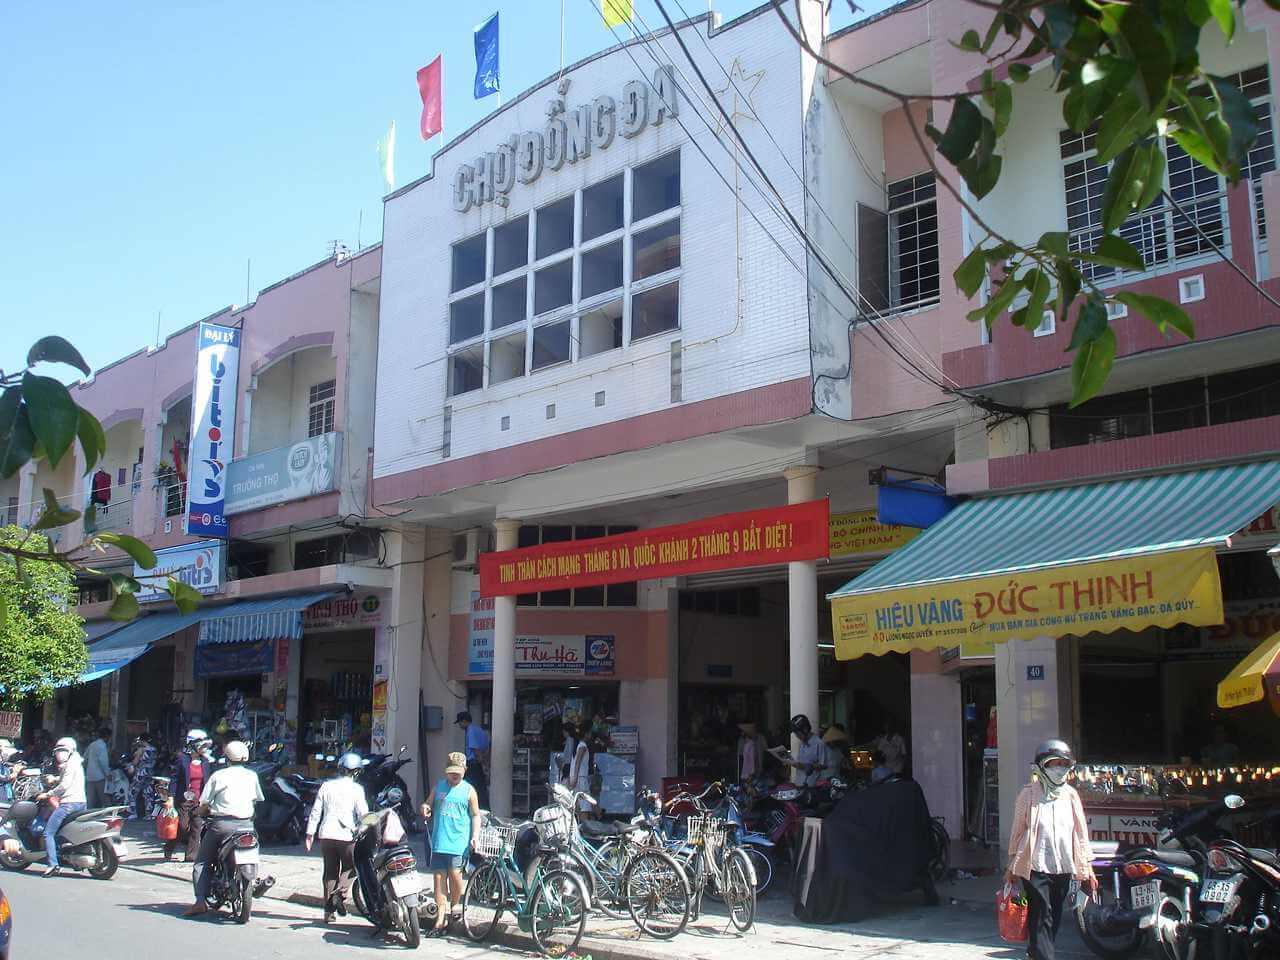 Chợ Đống Đa- chợ đồ cũ đà nẵng